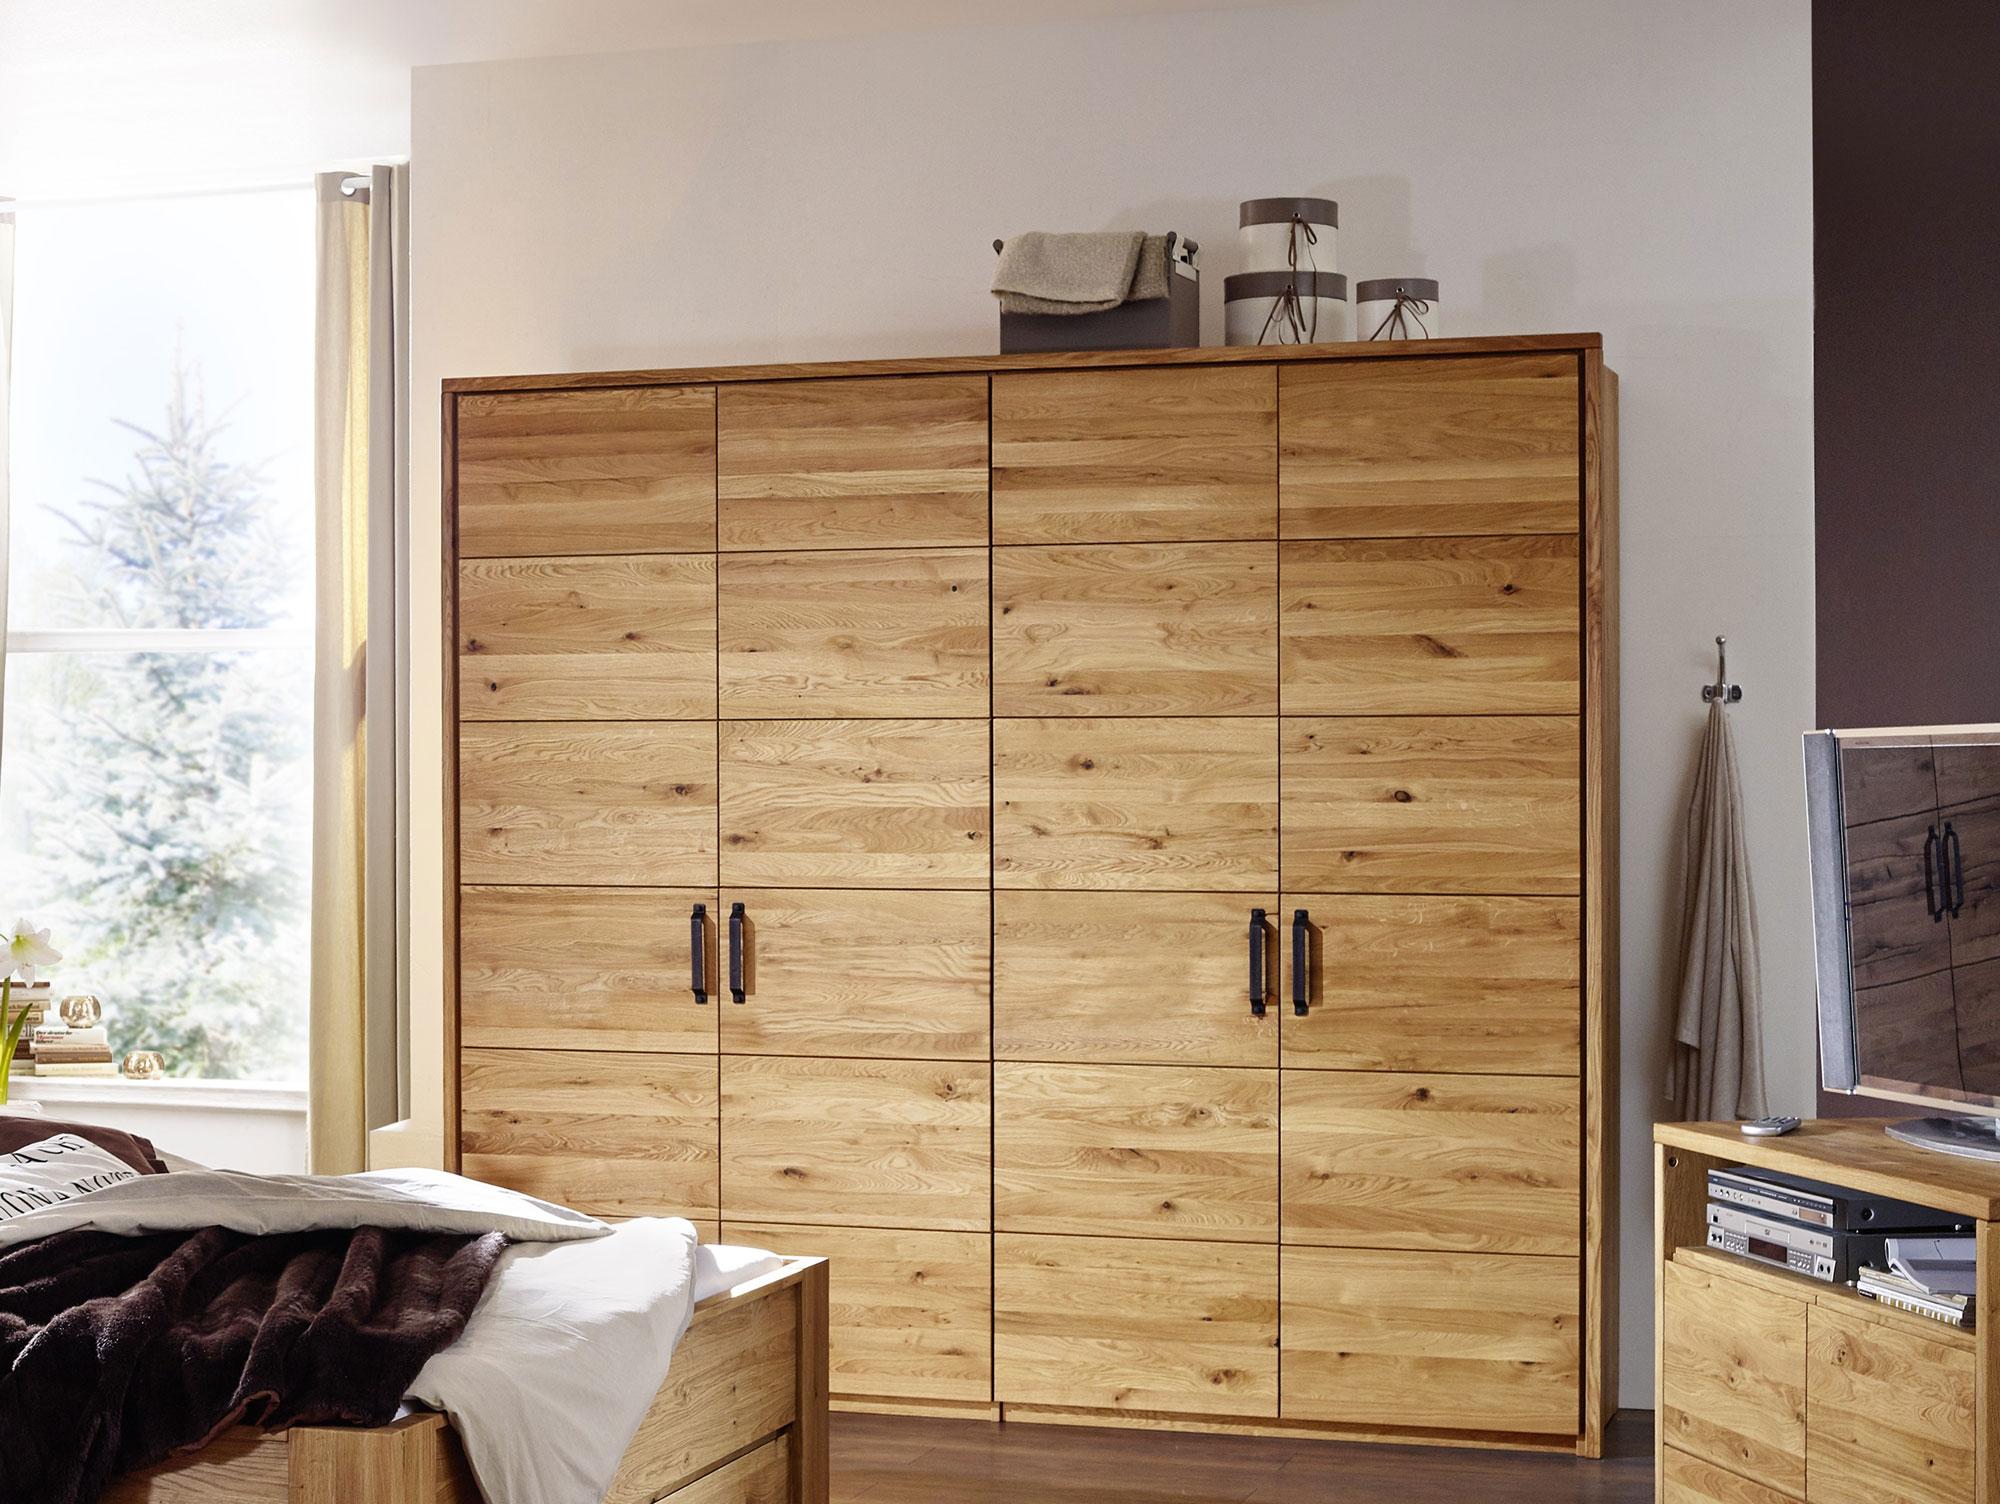 playmobil badezimmer 5330. Black Bedroom Furniture Sets. Home Design Ideas